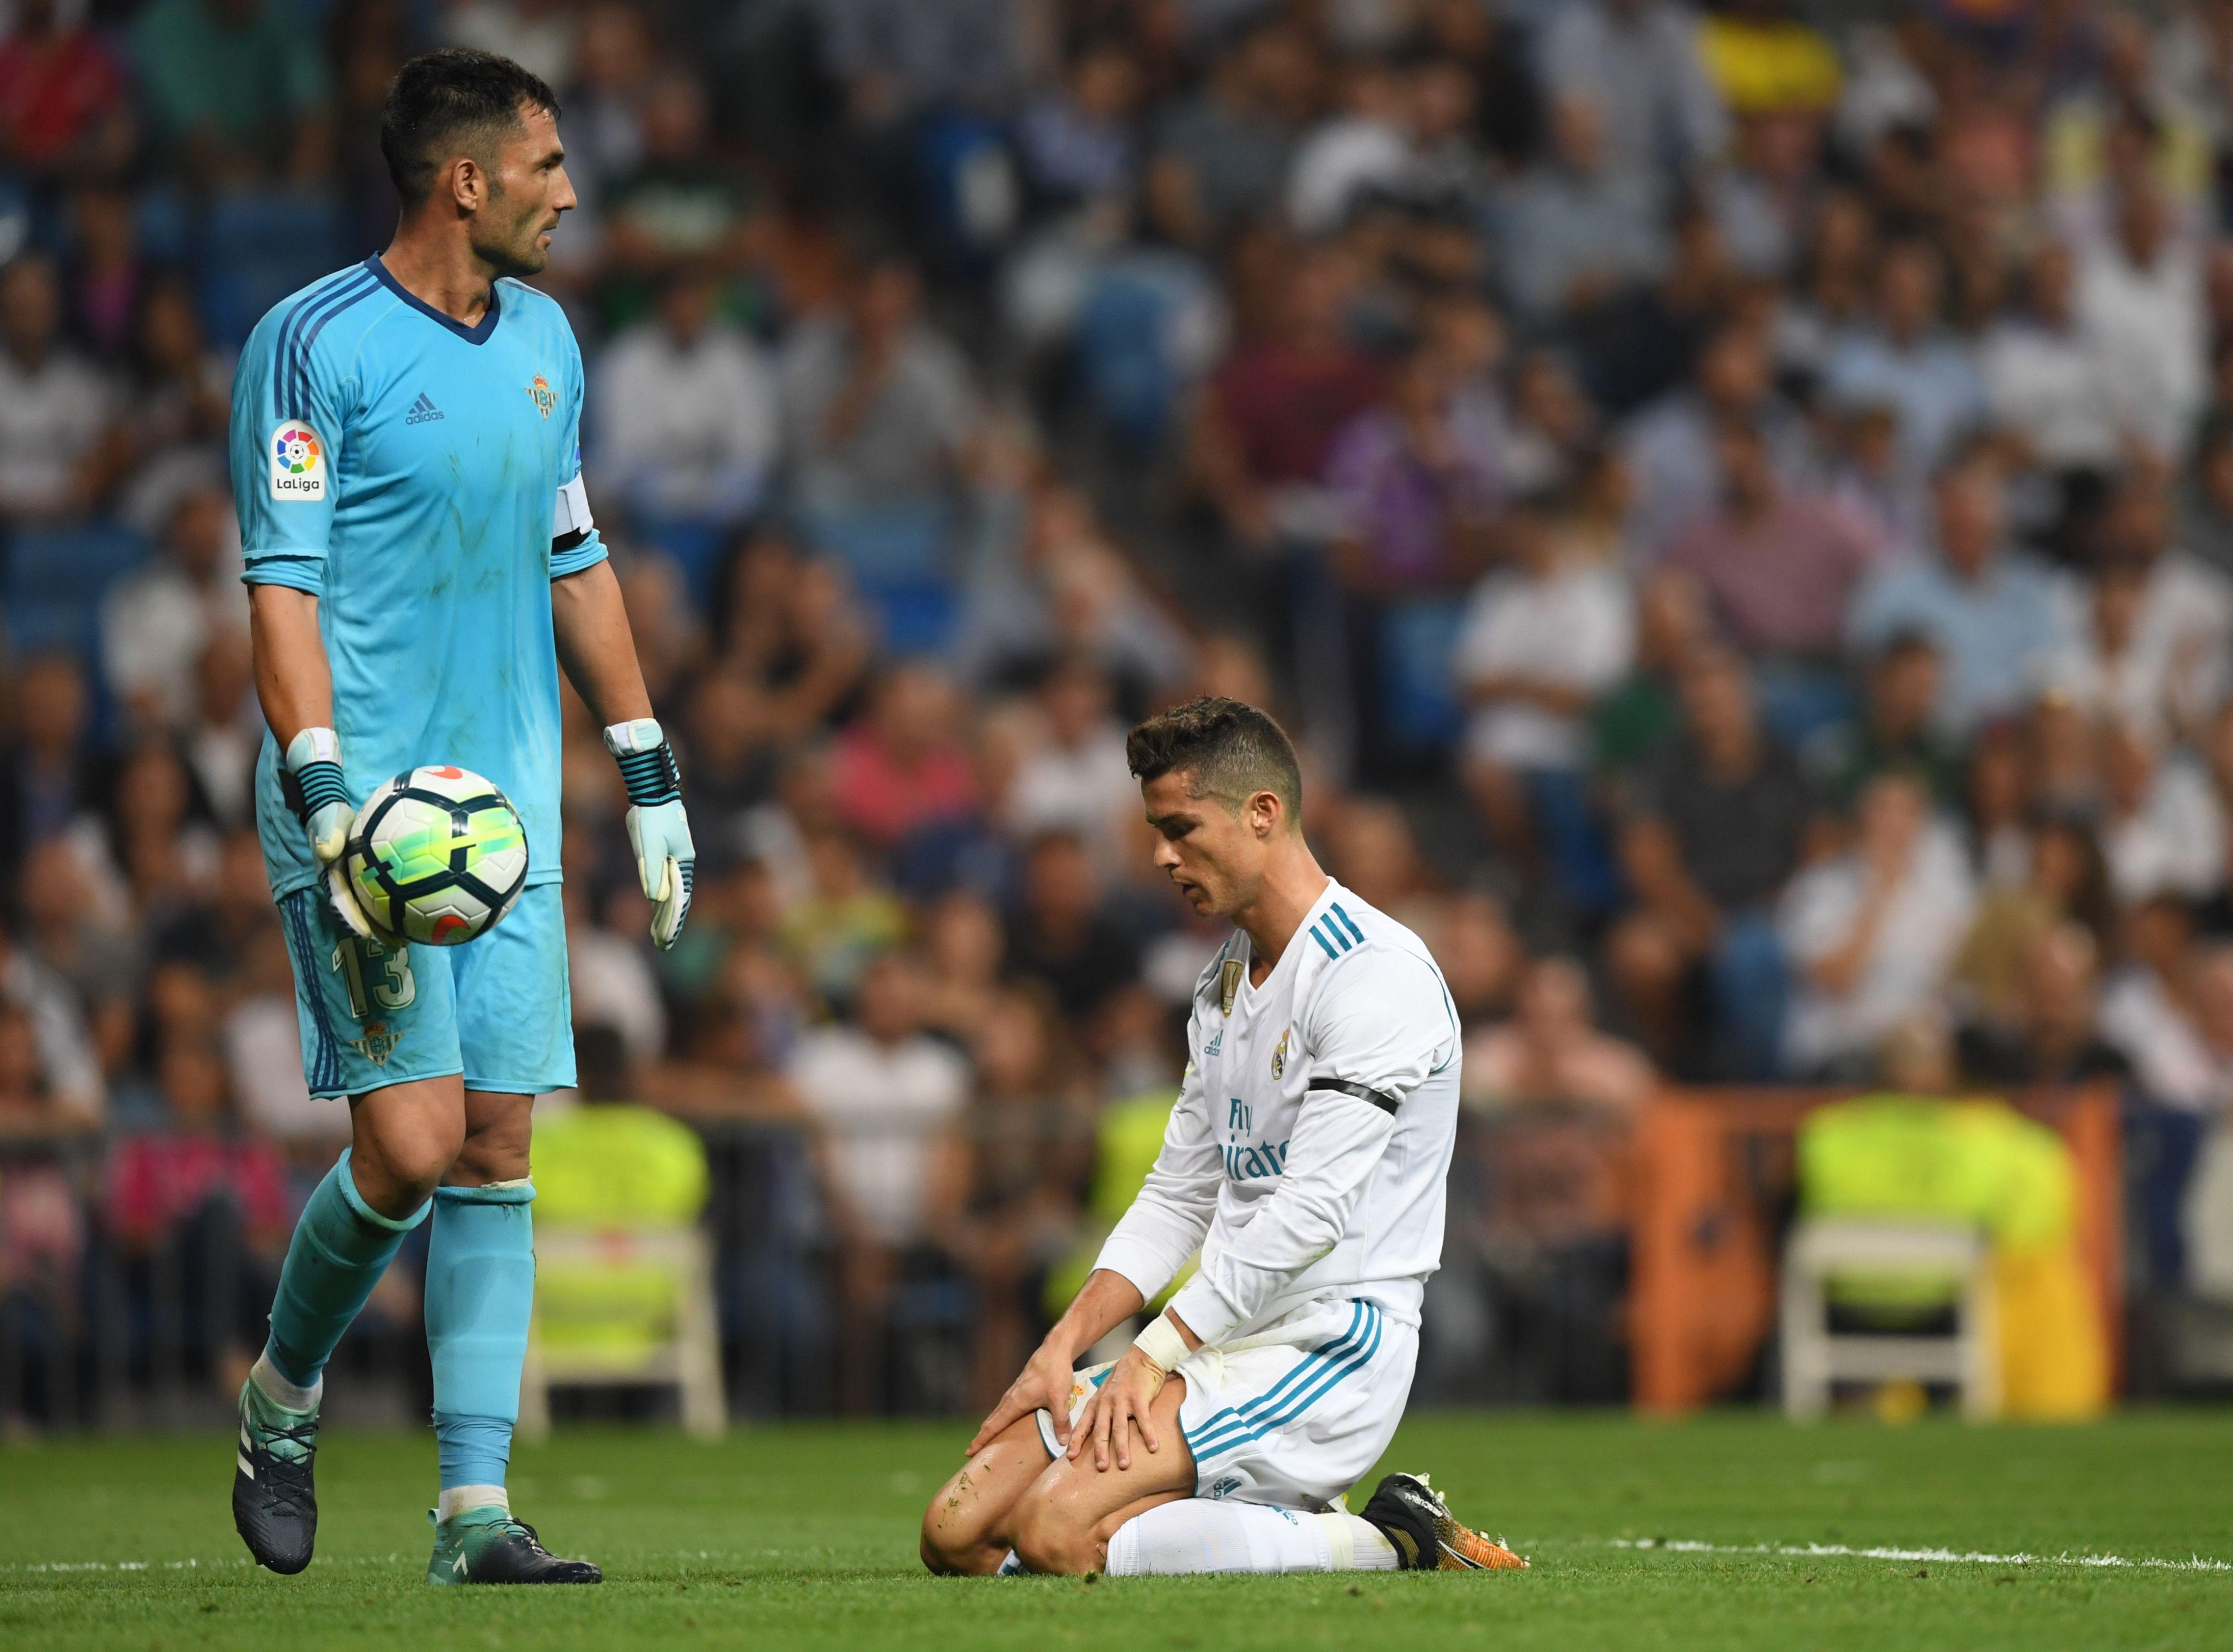 Real Madrid lo dio vuelta y derrotó a Betis — Guerra de goles